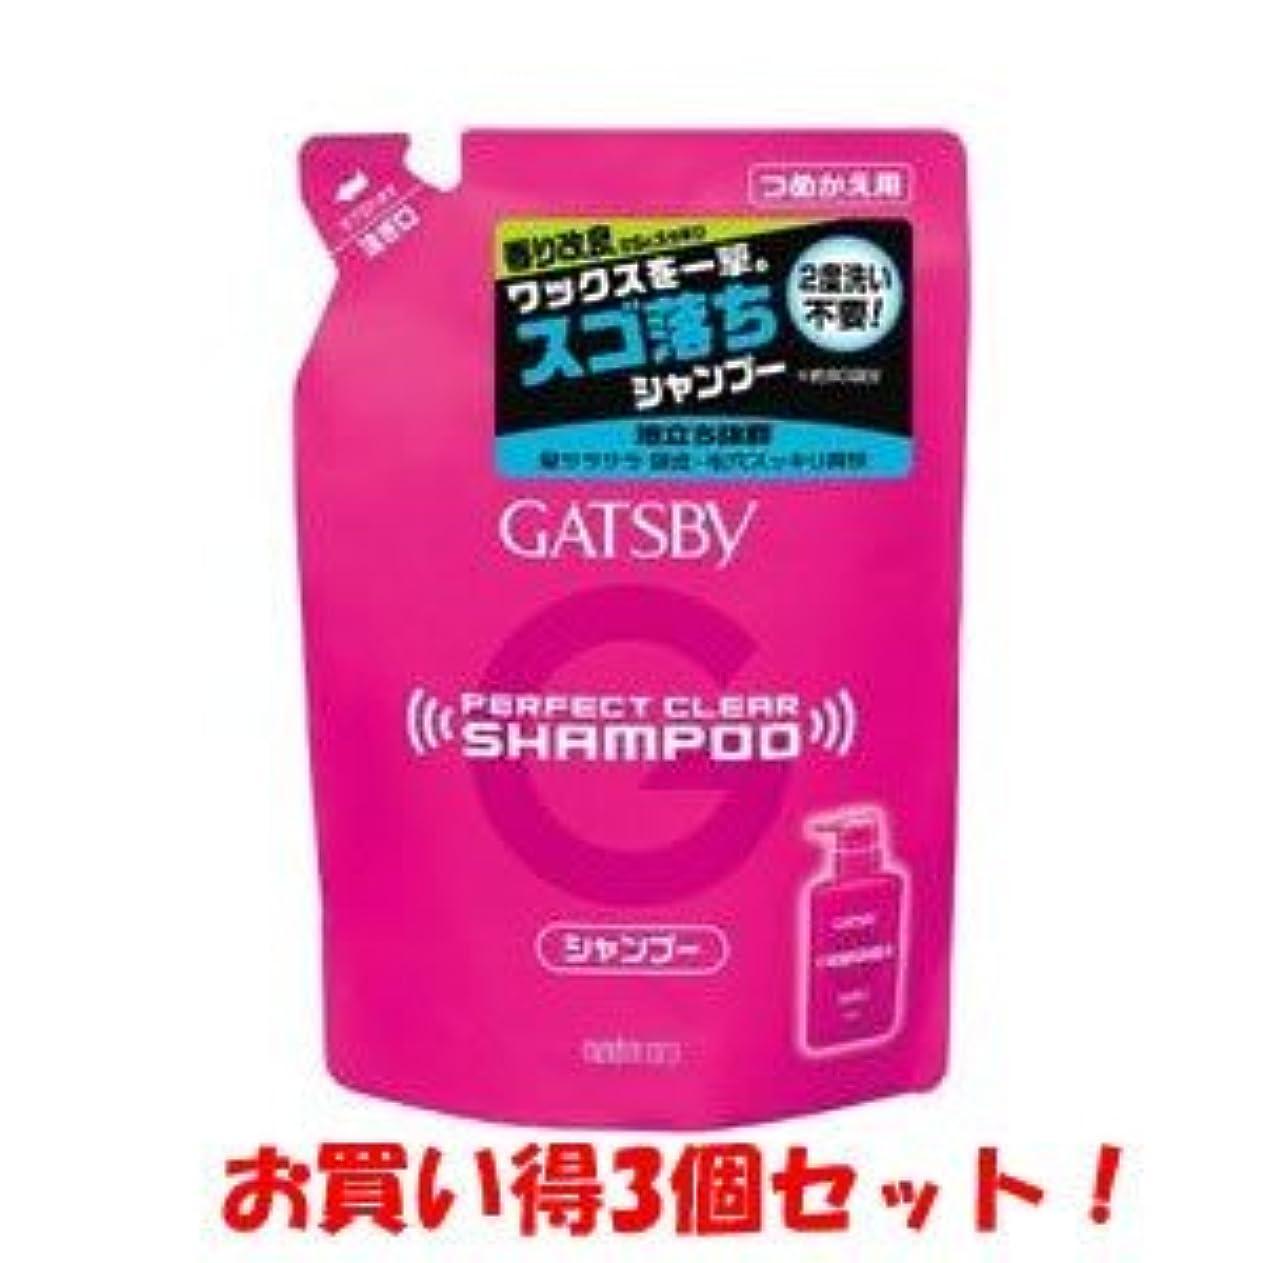 赤ゴム用心するギャツビー【GATSBY】パーフェクトクリアシャンプー 詰替 320ml(お買い得3個セット)